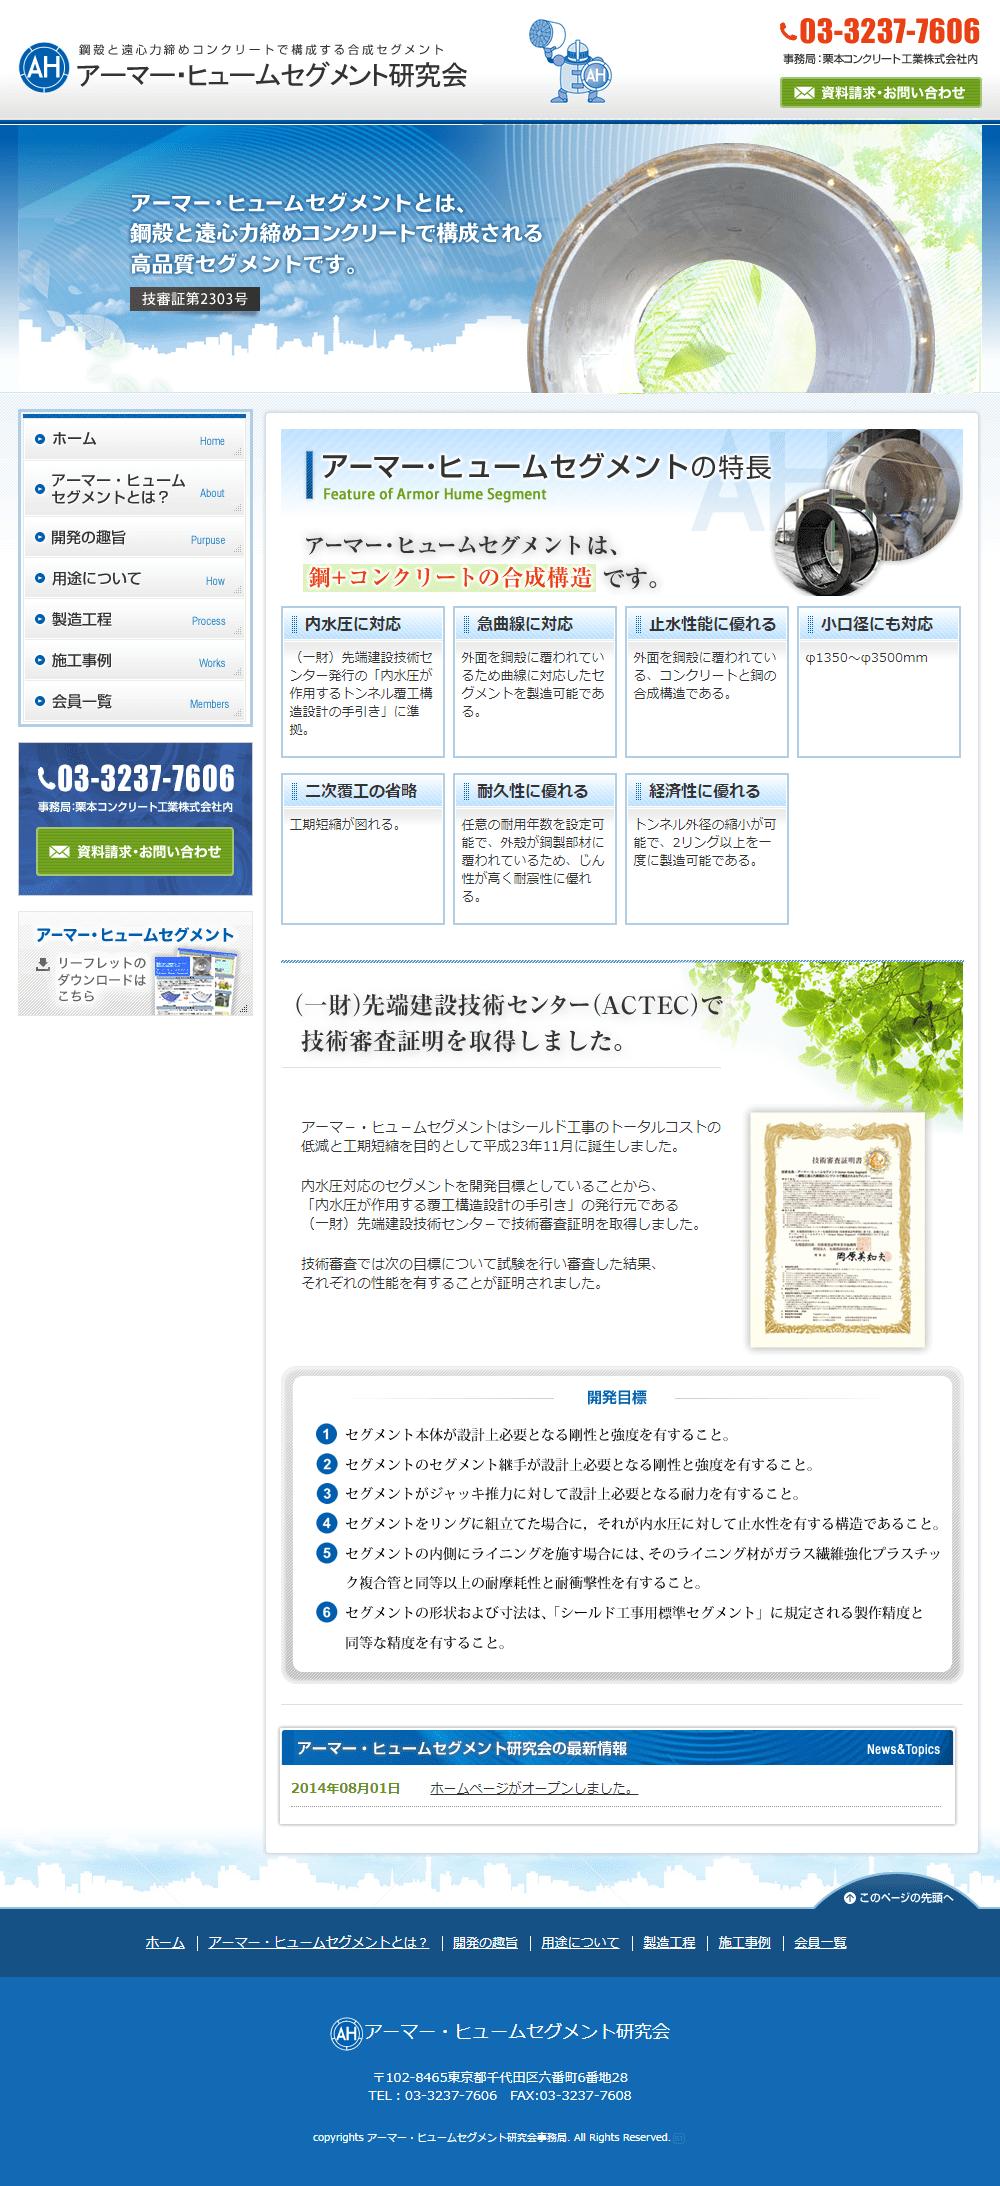 千代田区 アーマーヒュームセグメント研究会様 ホームページ制作1